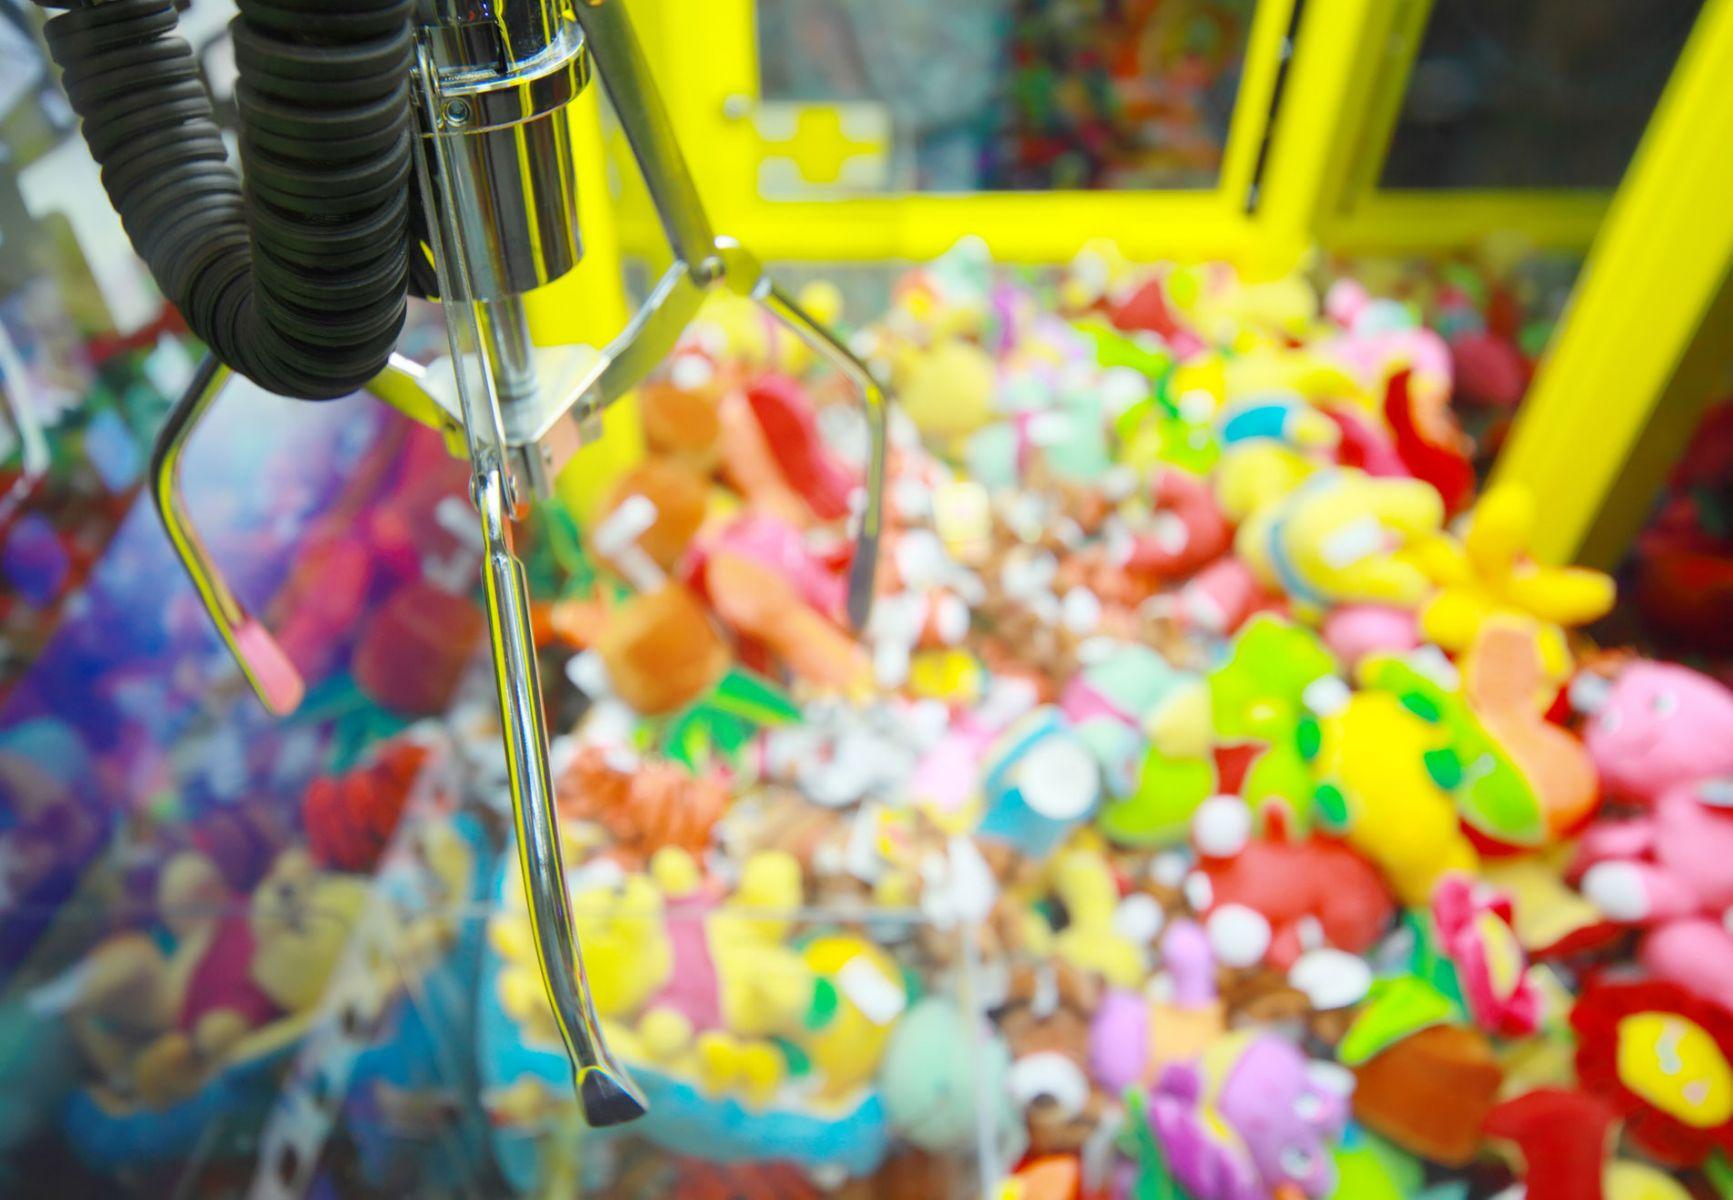 五個關鍵因素 讓「夾娃娃機店」快速攻占各大商圈